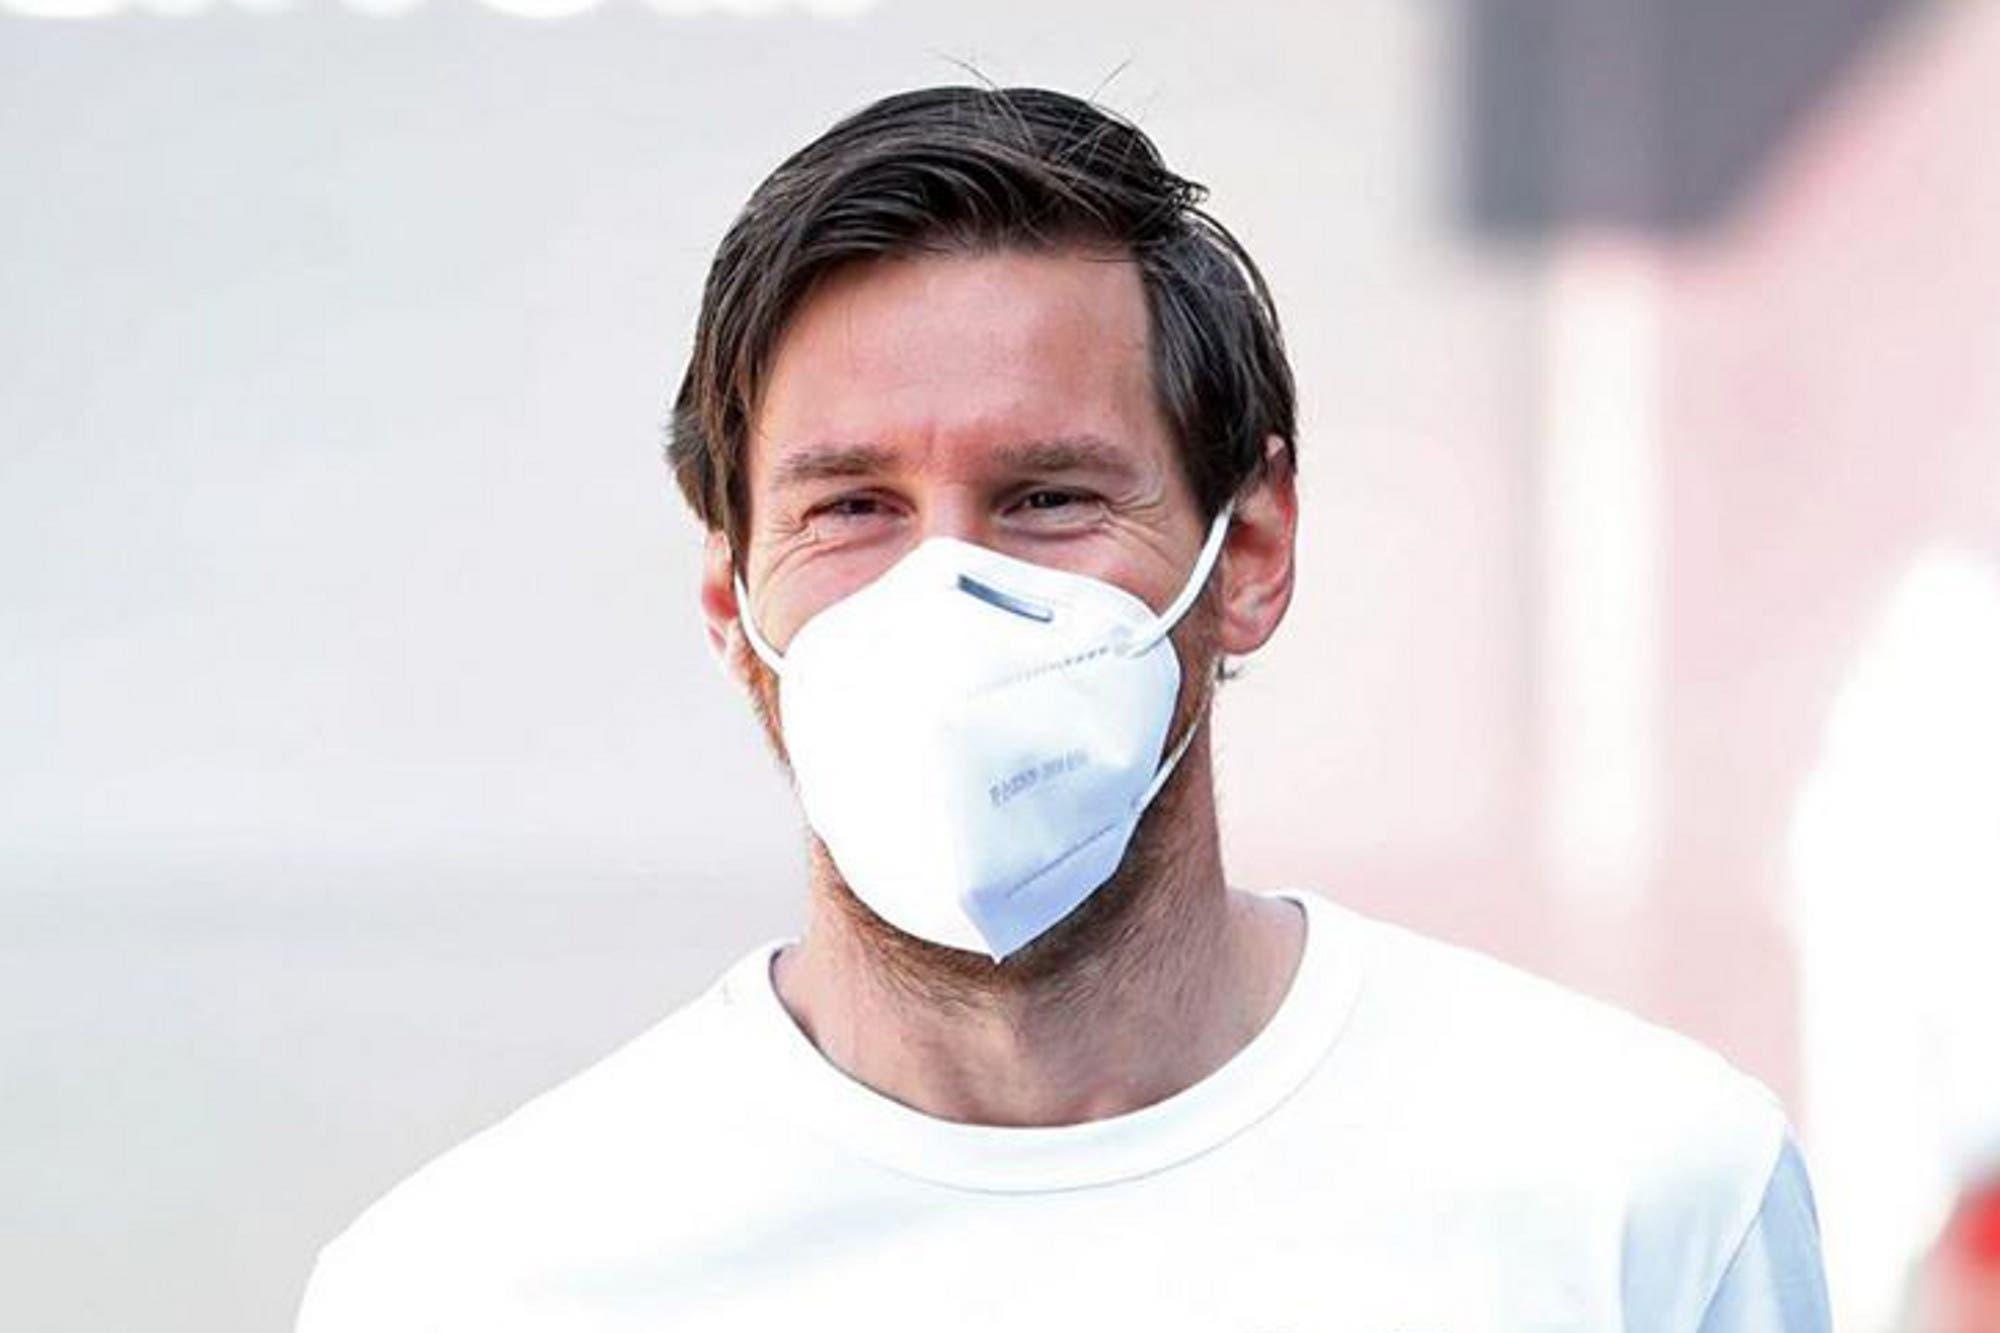 Top: la remera de 47.000 pesos con la que Lionel Messi se presentó a los controles médicos en Barcelona